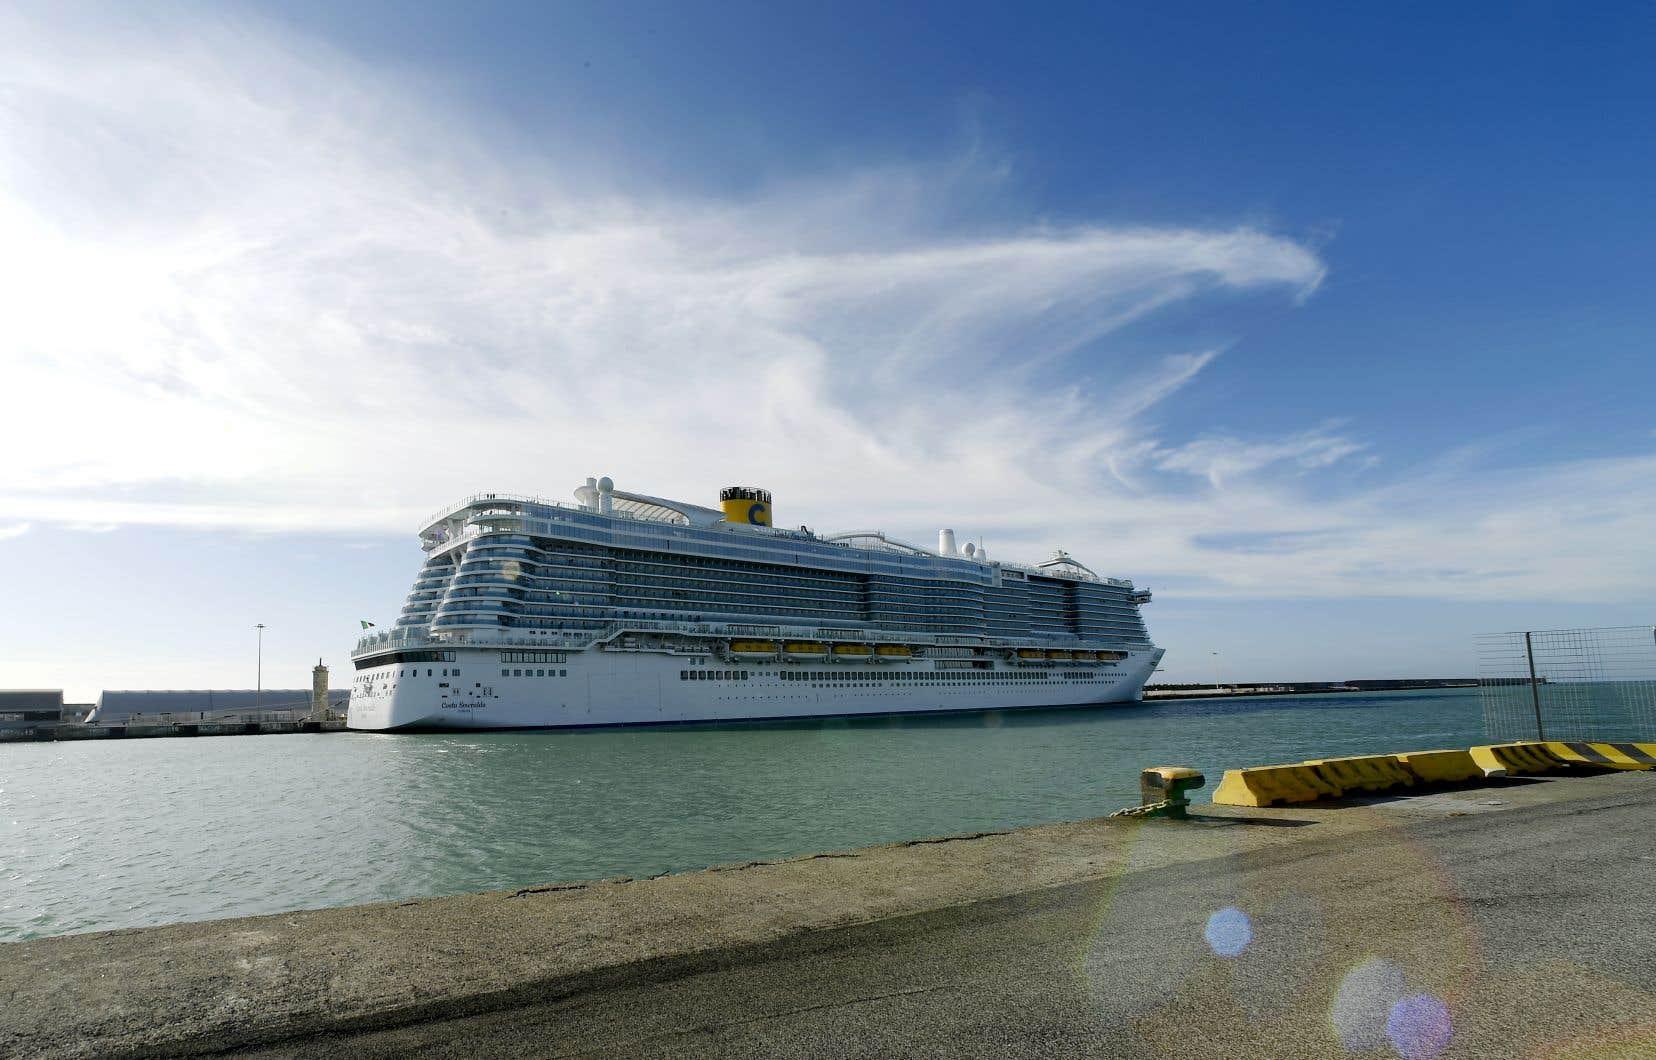 Le «Costa Smeralda» est arrivé jeudi matin à Civitavecchia depuis Palma de Majorque (Espagne) dans le cadre d'une croisière d'une semaine en Méditerranée occidentale.